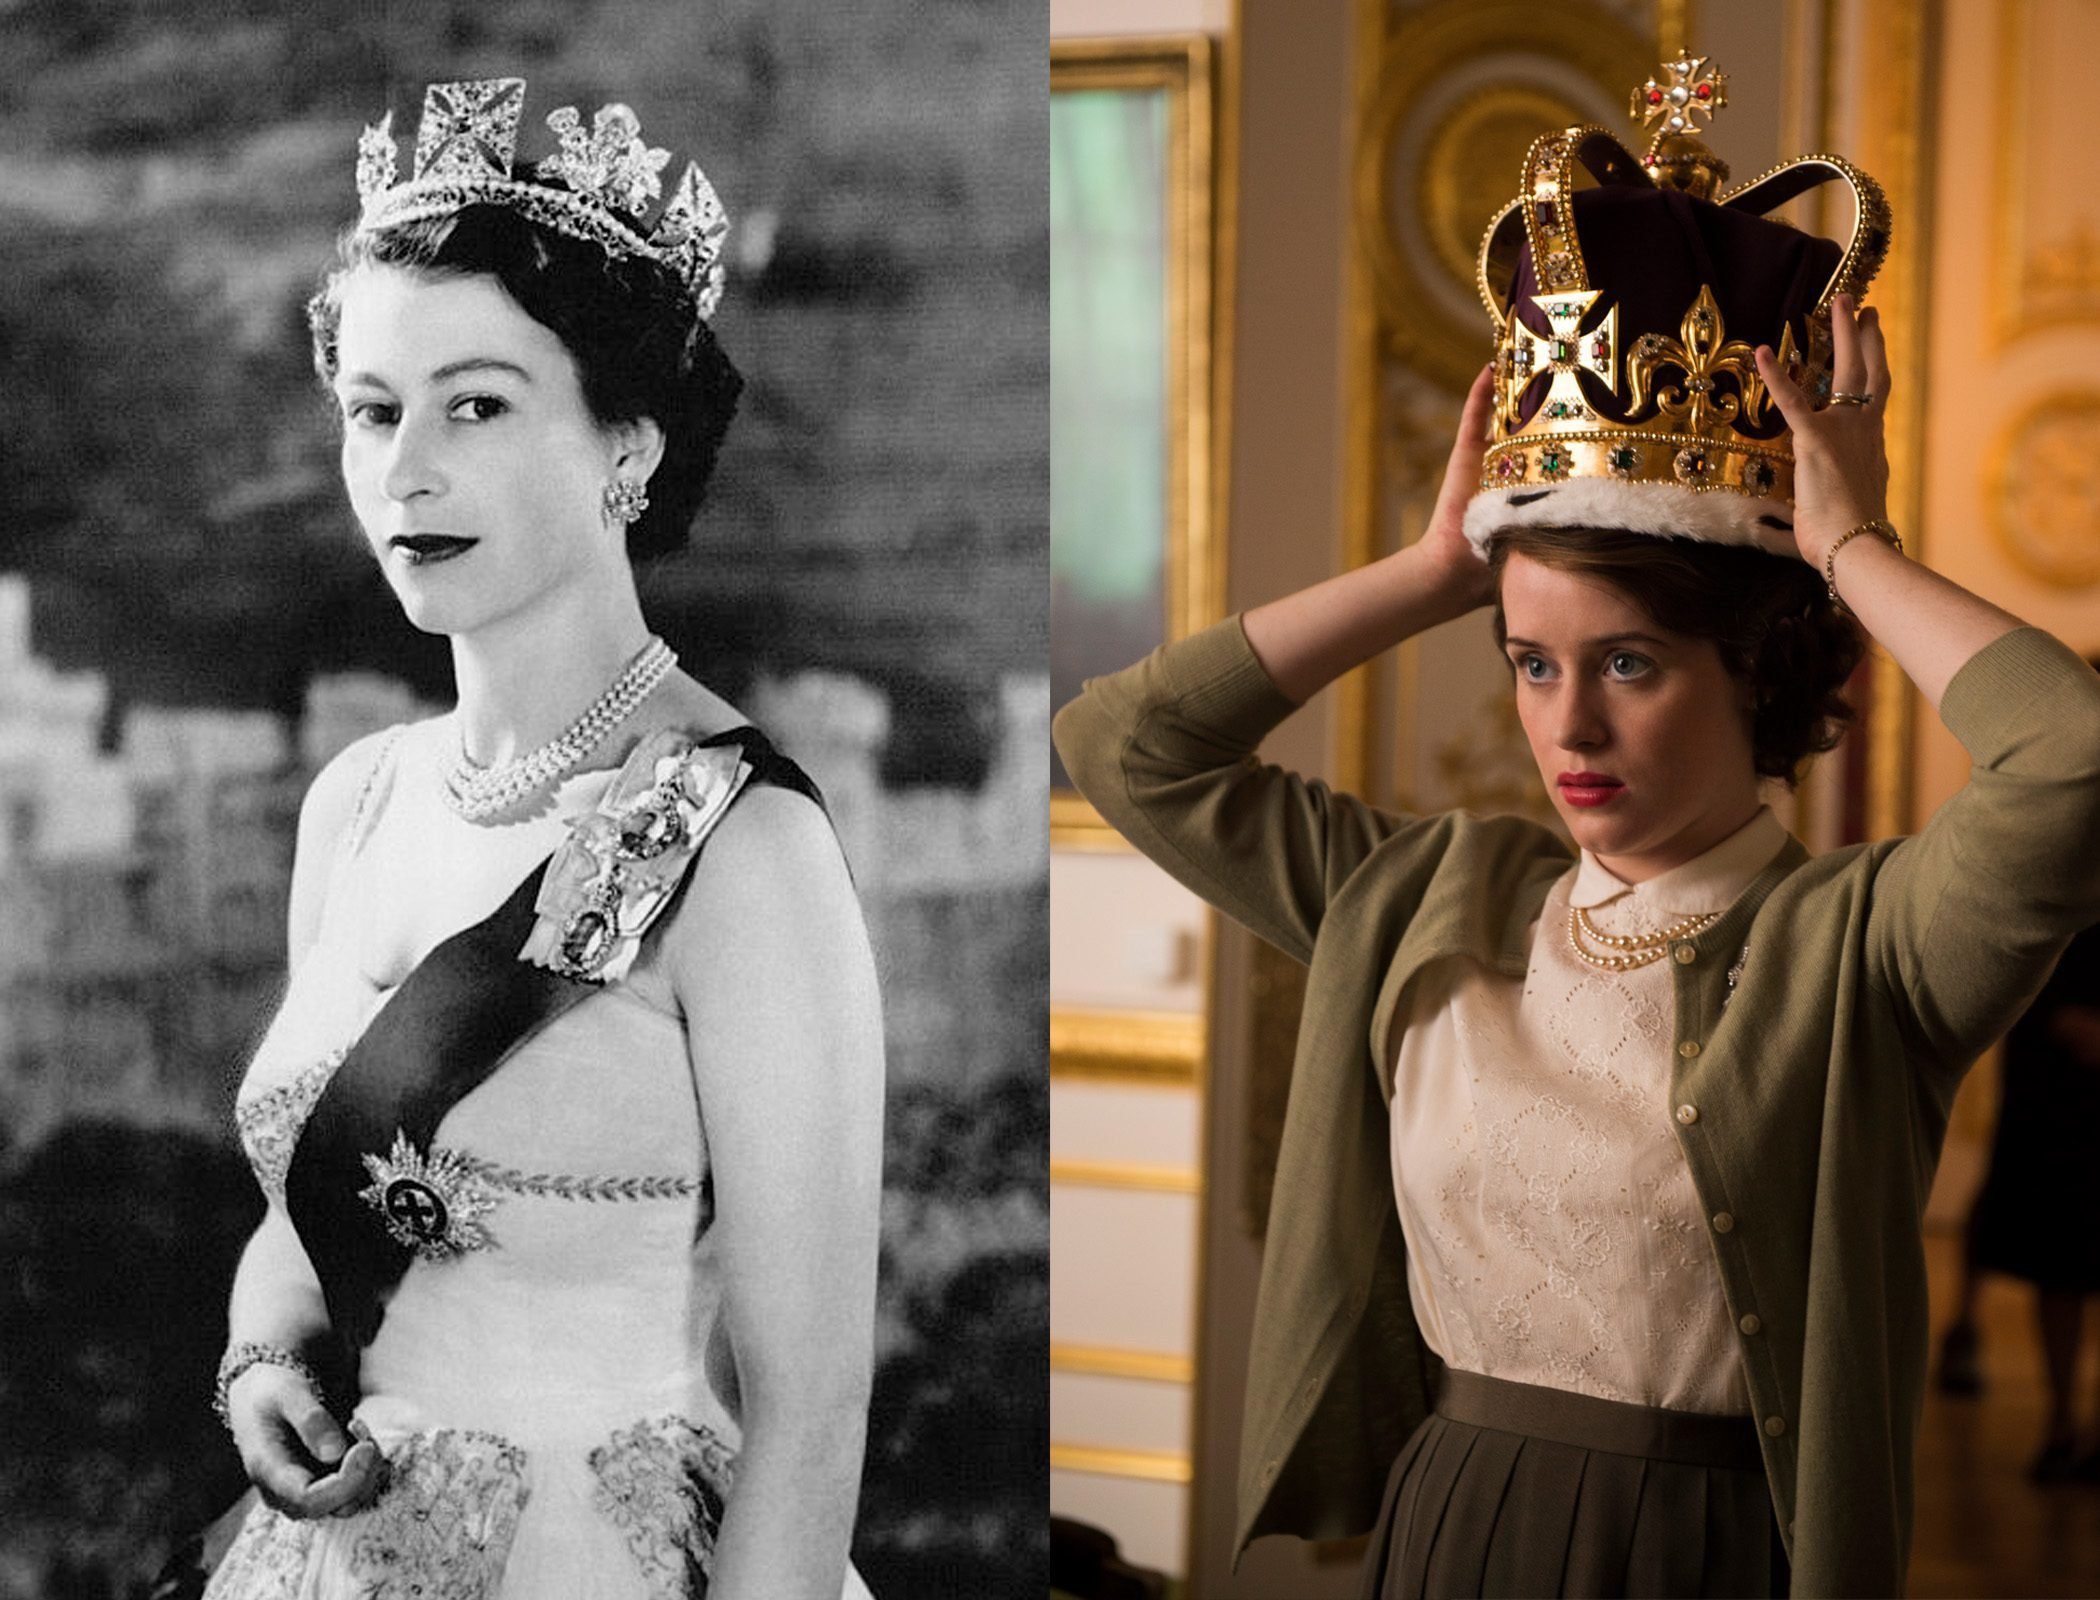 Queen Elizabeth in The Crown on Netflix